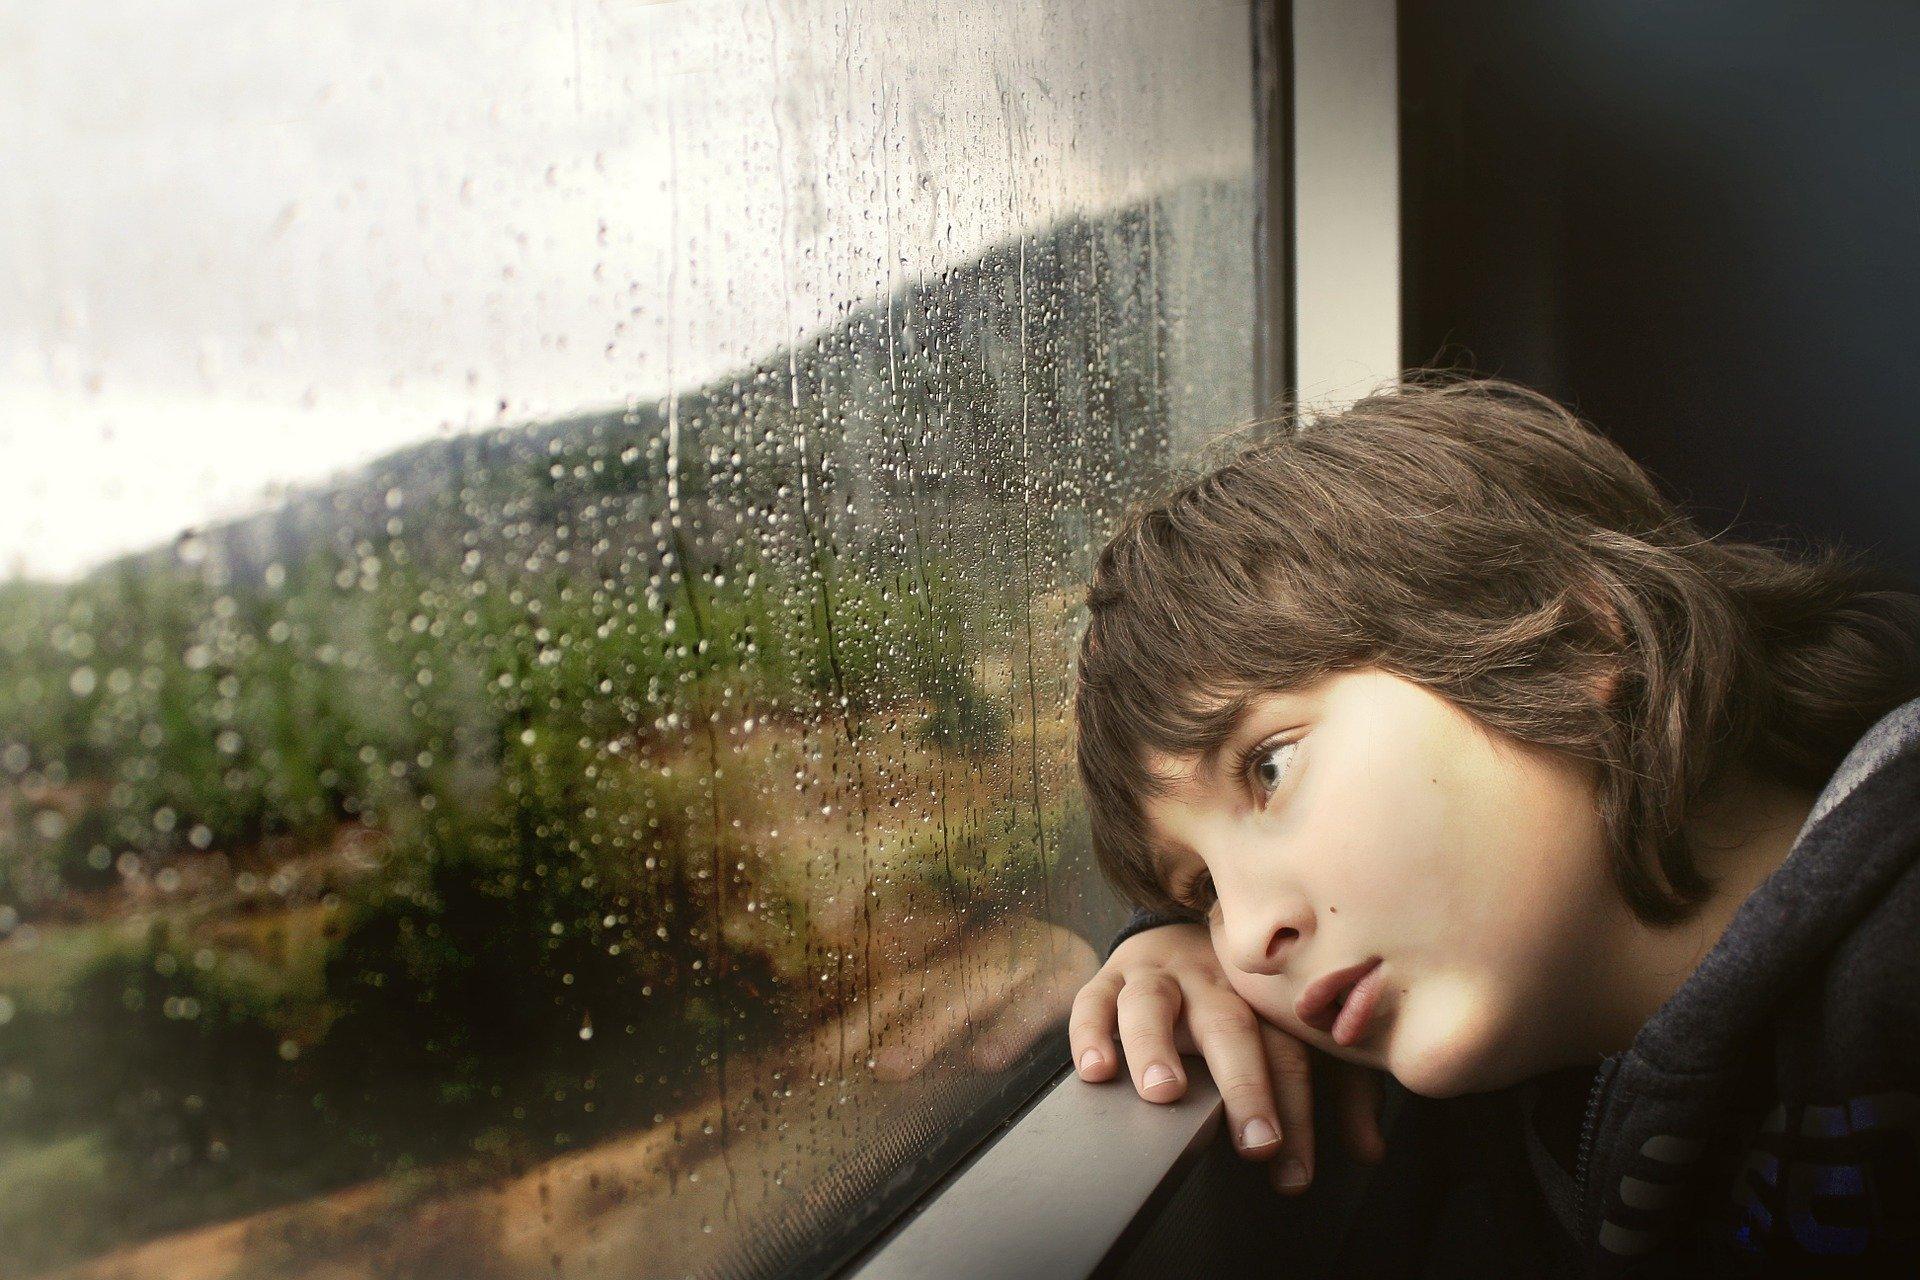 Zamyślony smutny chłopiec leżący na parapecie i wpatrujący się w deszcz za oknem.